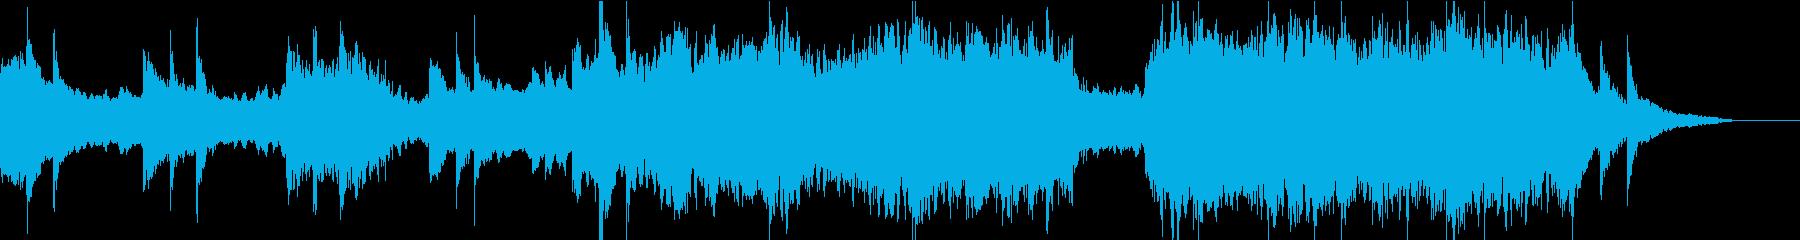 企業VPや映像に感動的ヴァイオリンBGMの再生済みの波形